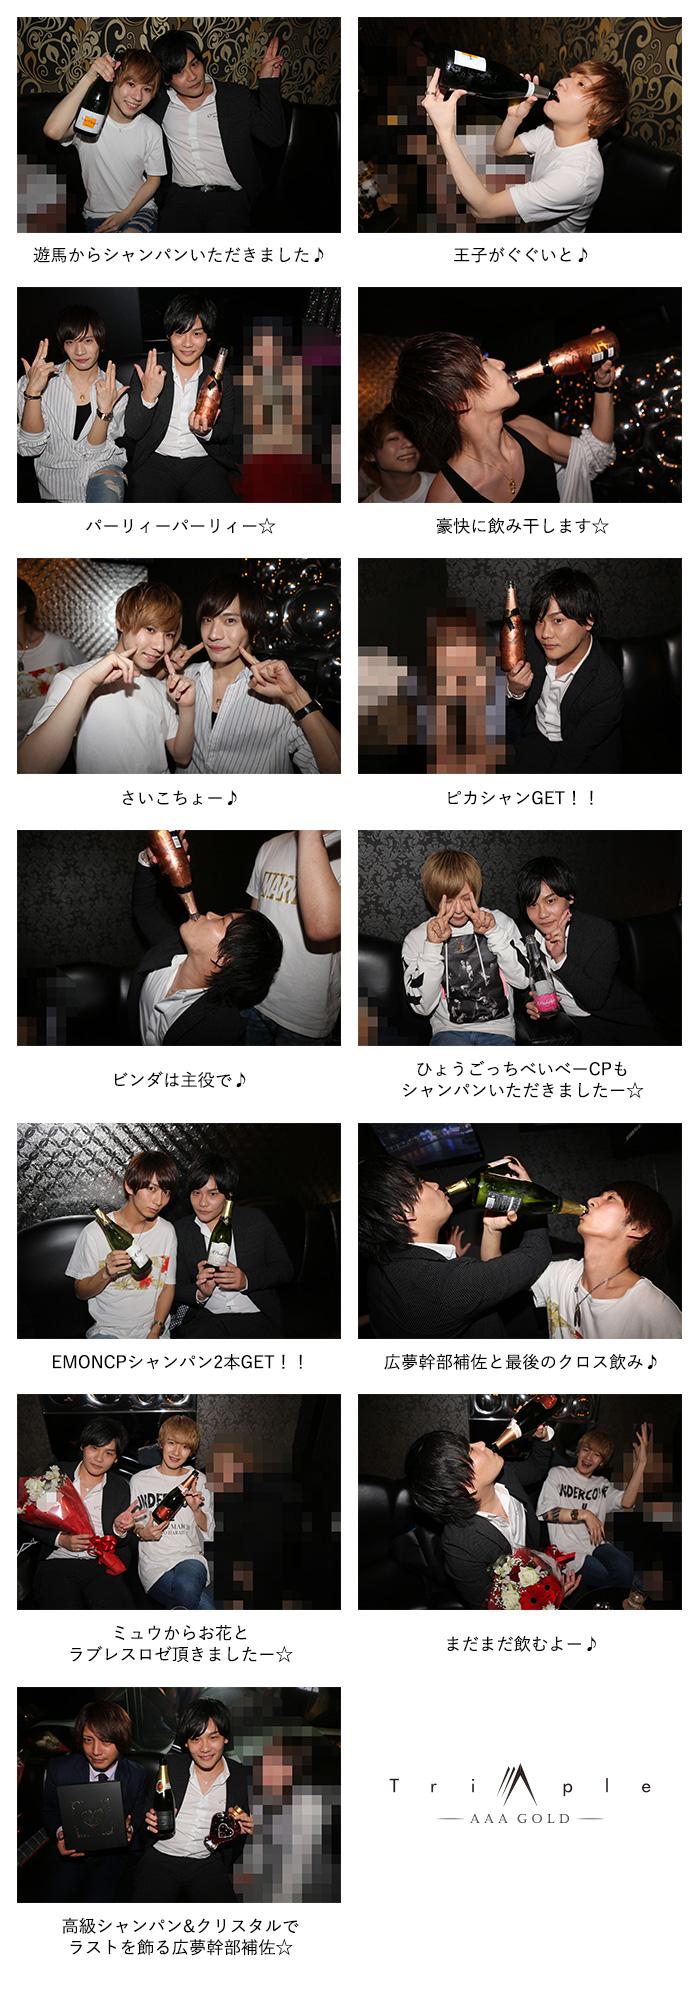 高級シャンパン&クリスタルでラストを飾る広夢幹部補佐☆